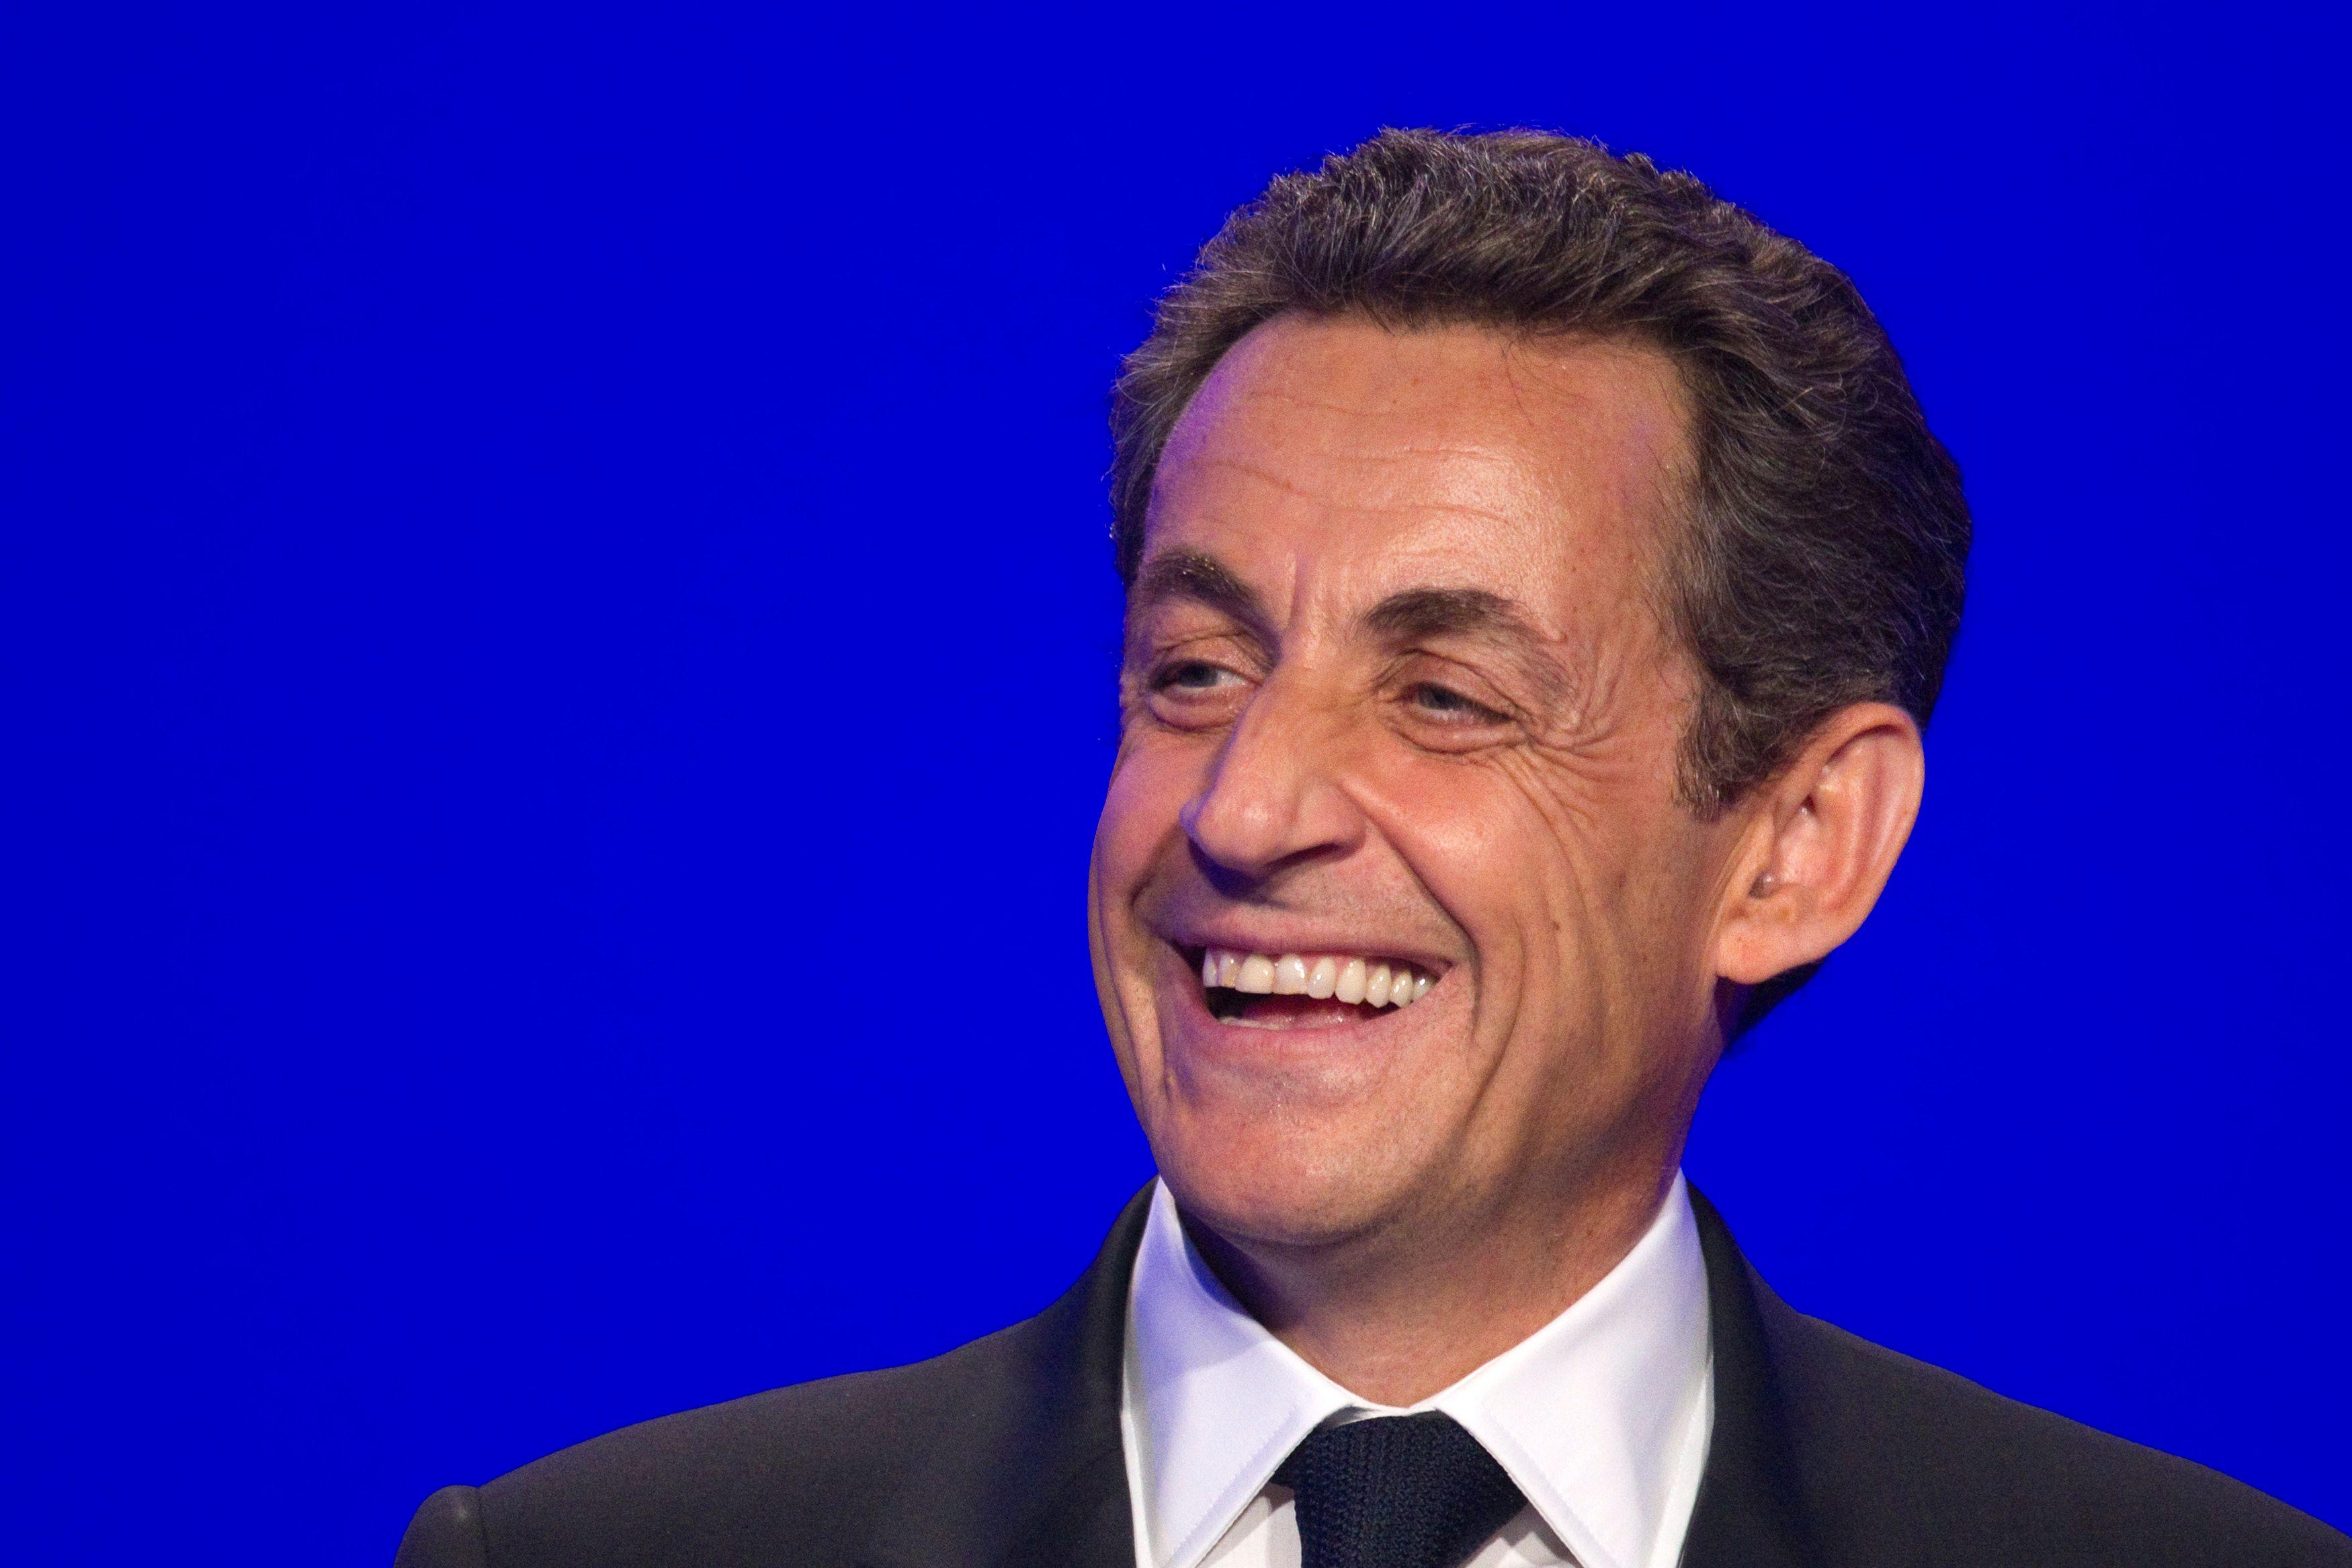 L'envie de Sarkozy, c'est fini? Petit mémo à l'usage de ceux qui ne savent pas lire les sondages